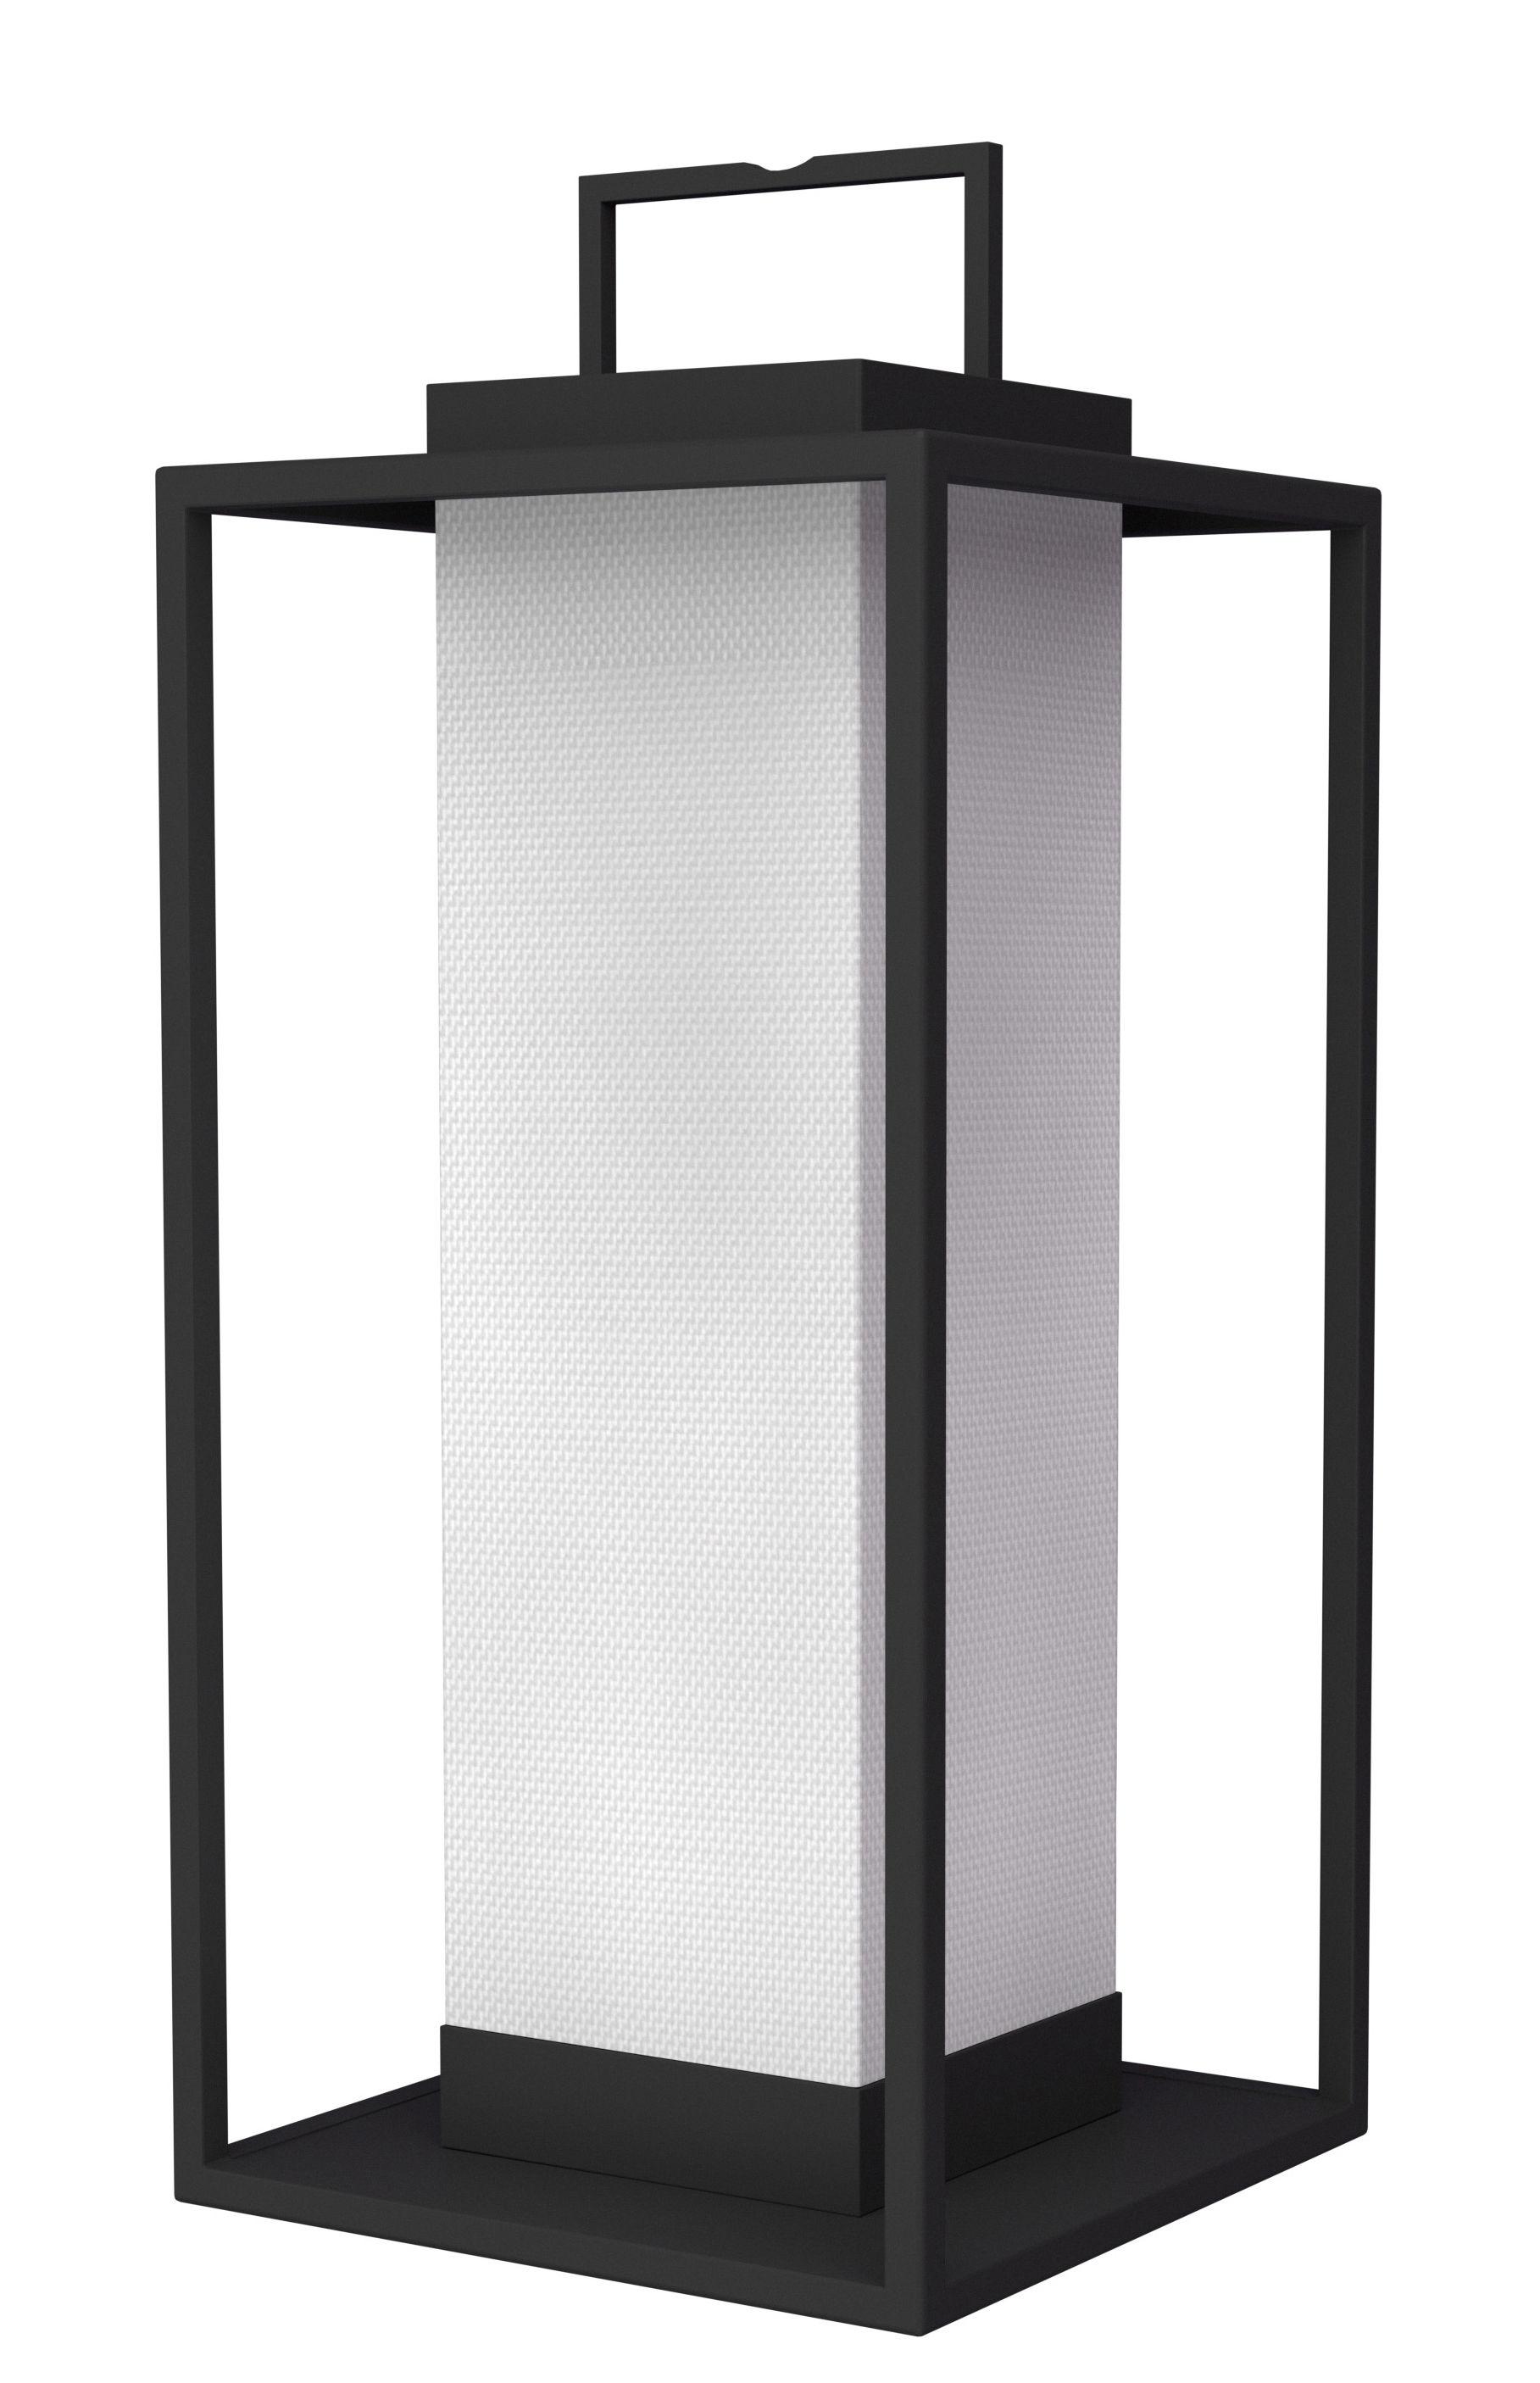 Recharger Lampe Solaire Sans Soleil lampe solaire la lampe pacha / led - sans fil noir - maiori | made